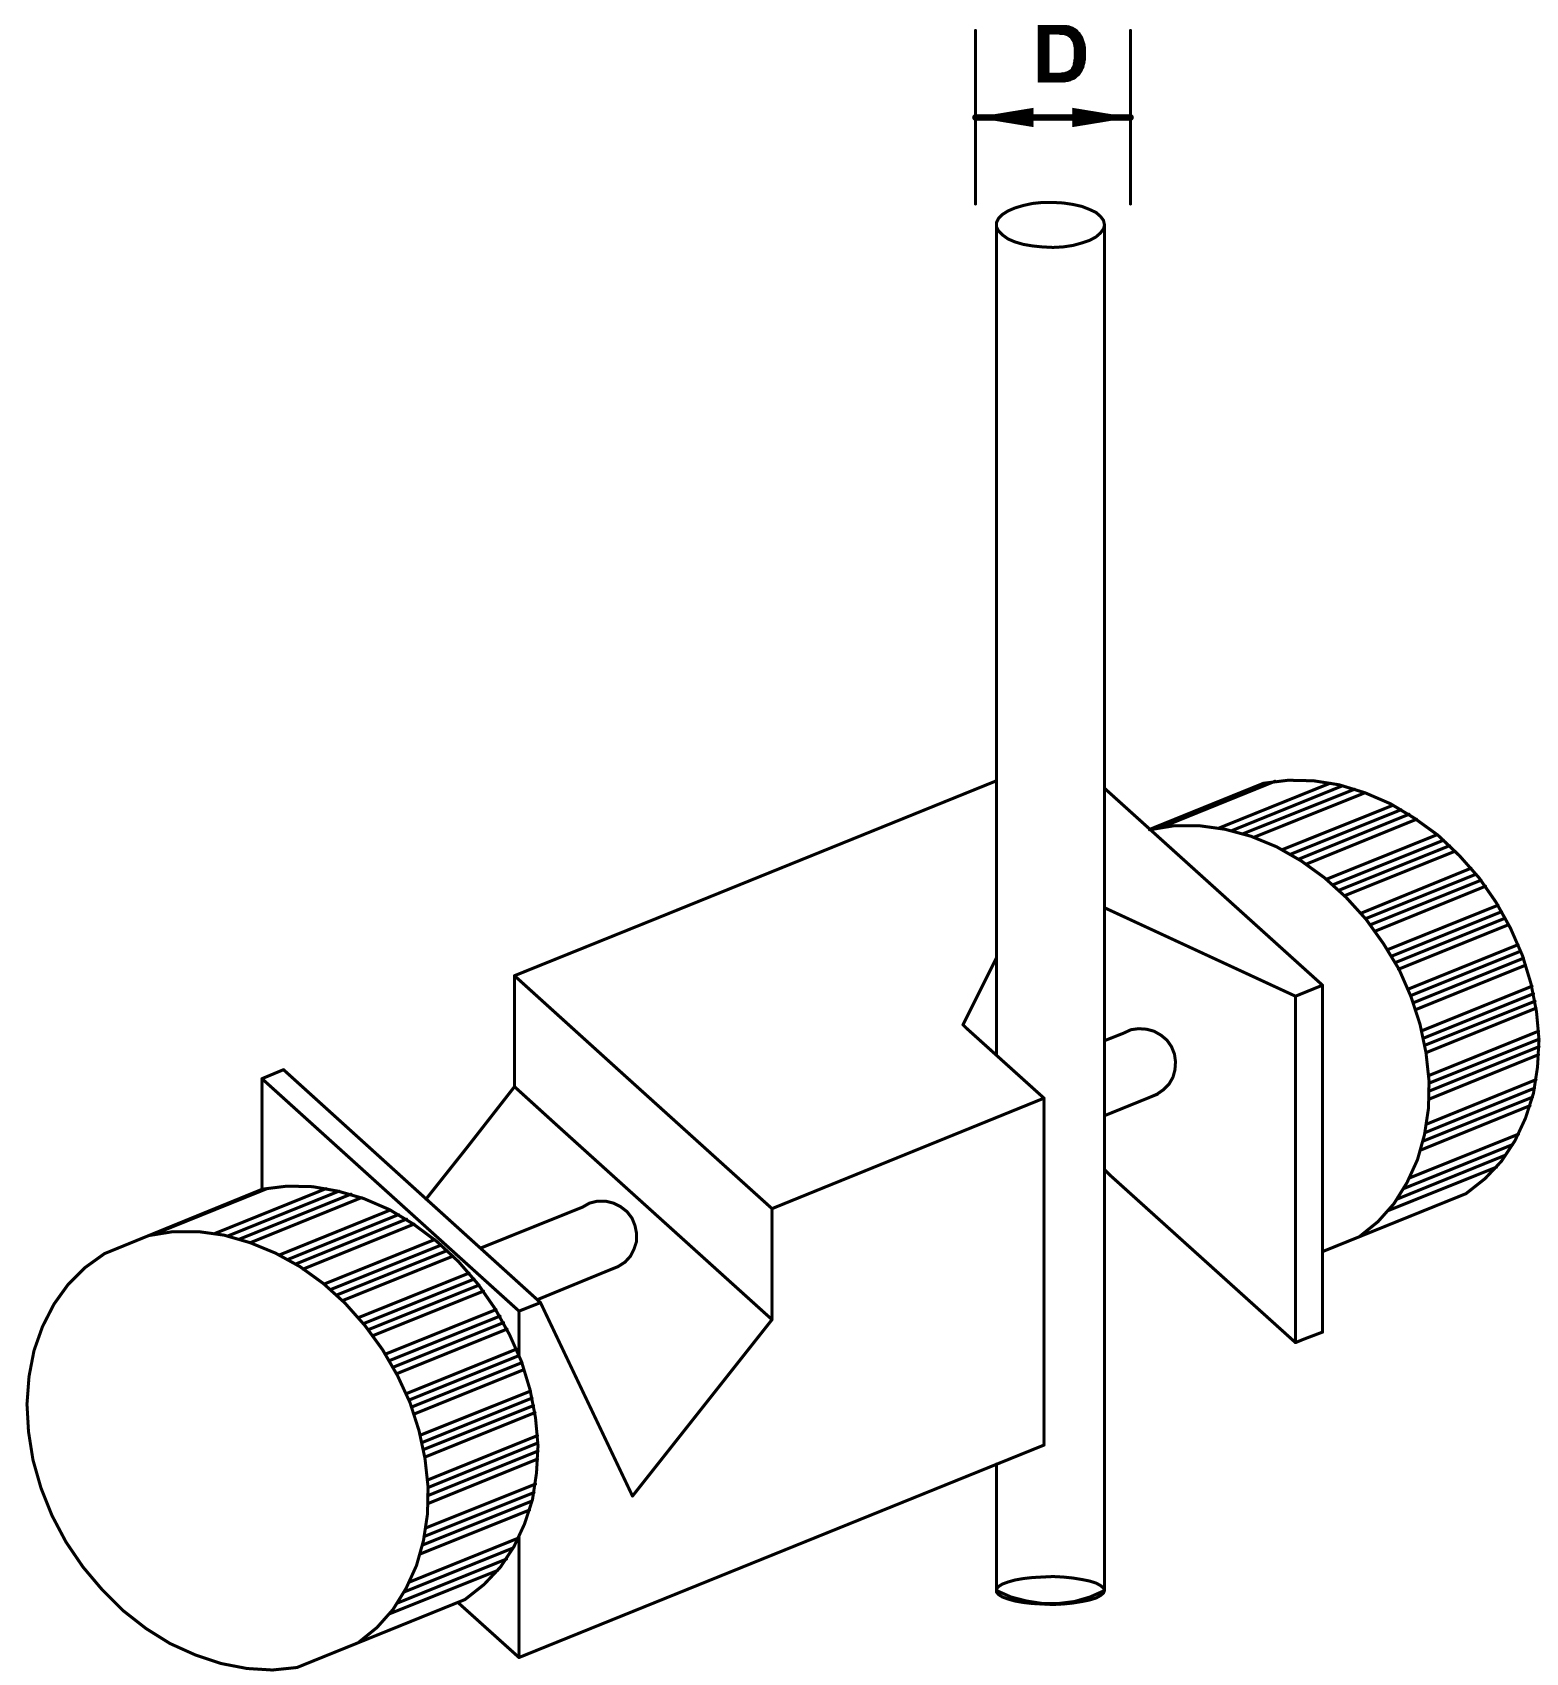 łącznik pełny typ C - schemat